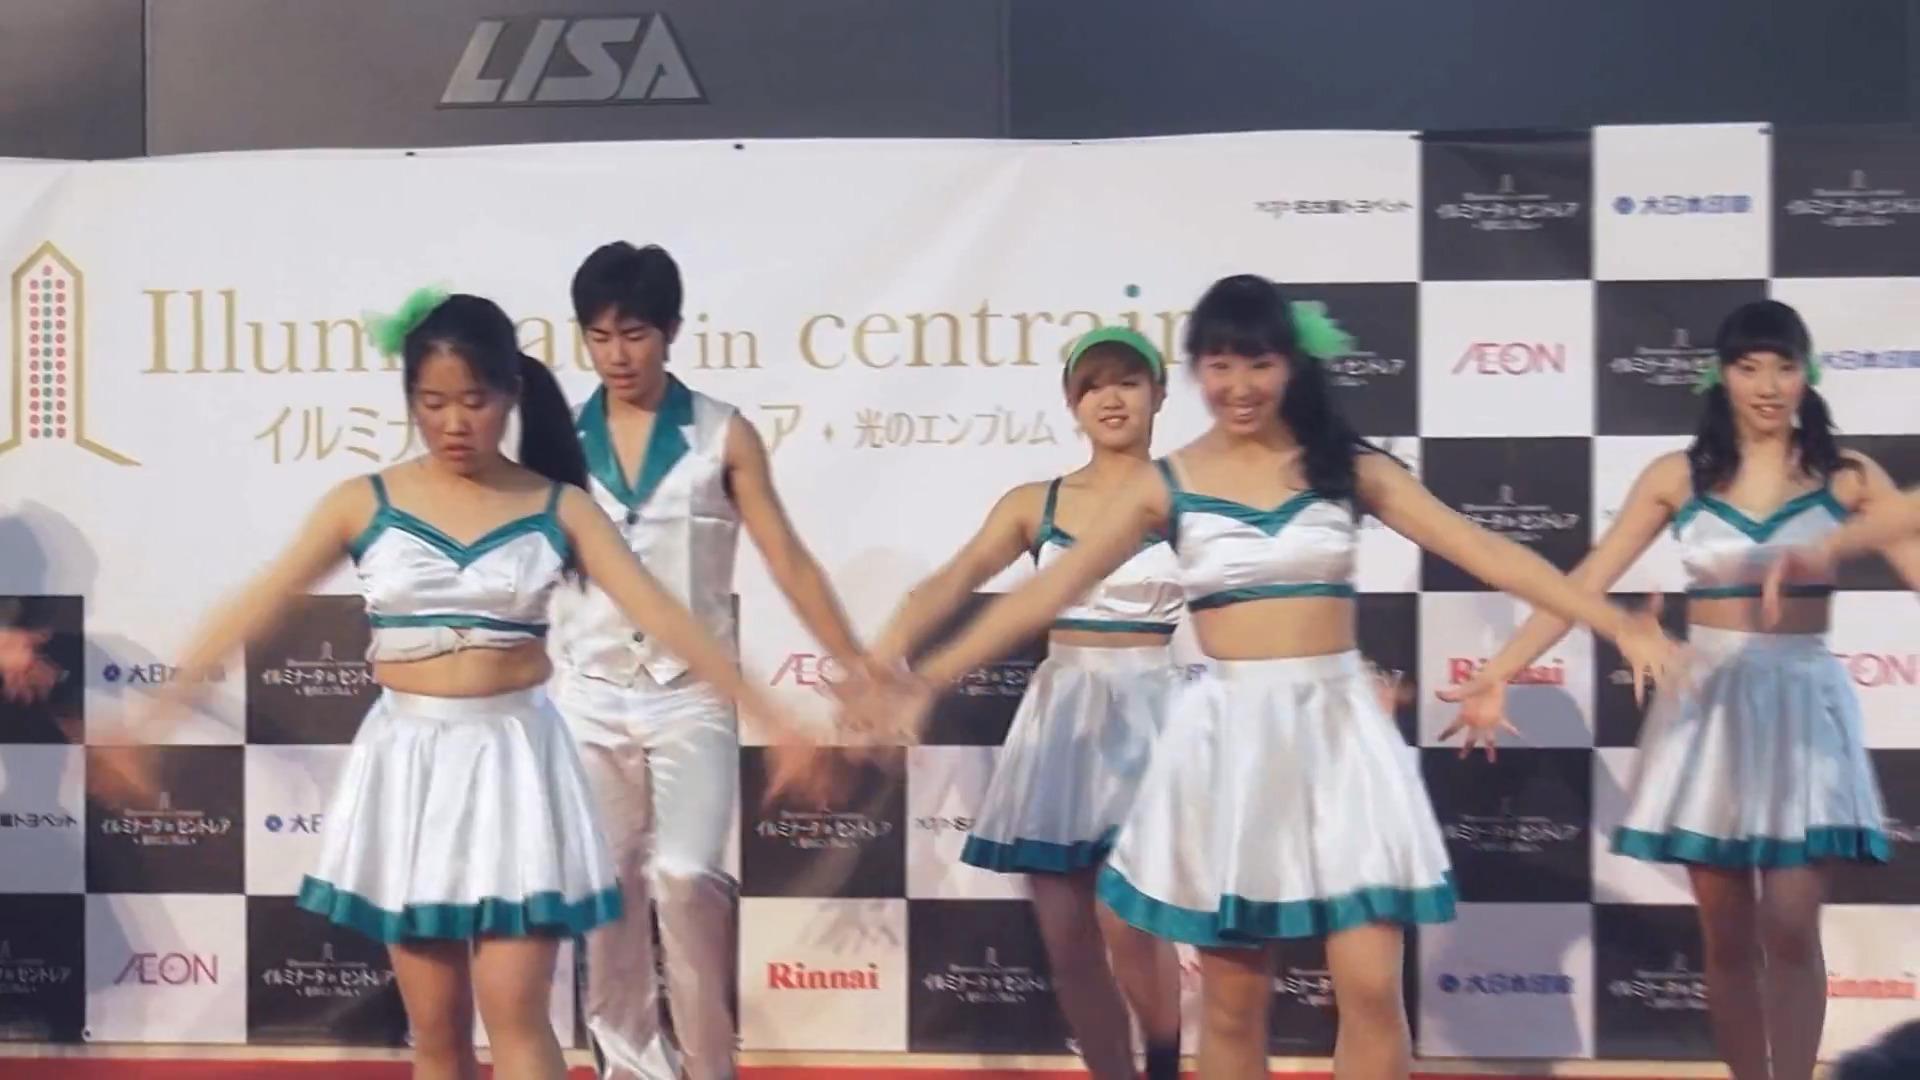 名古屋文化短期大学 Jr. ダンスサークル at Centrair 01:00